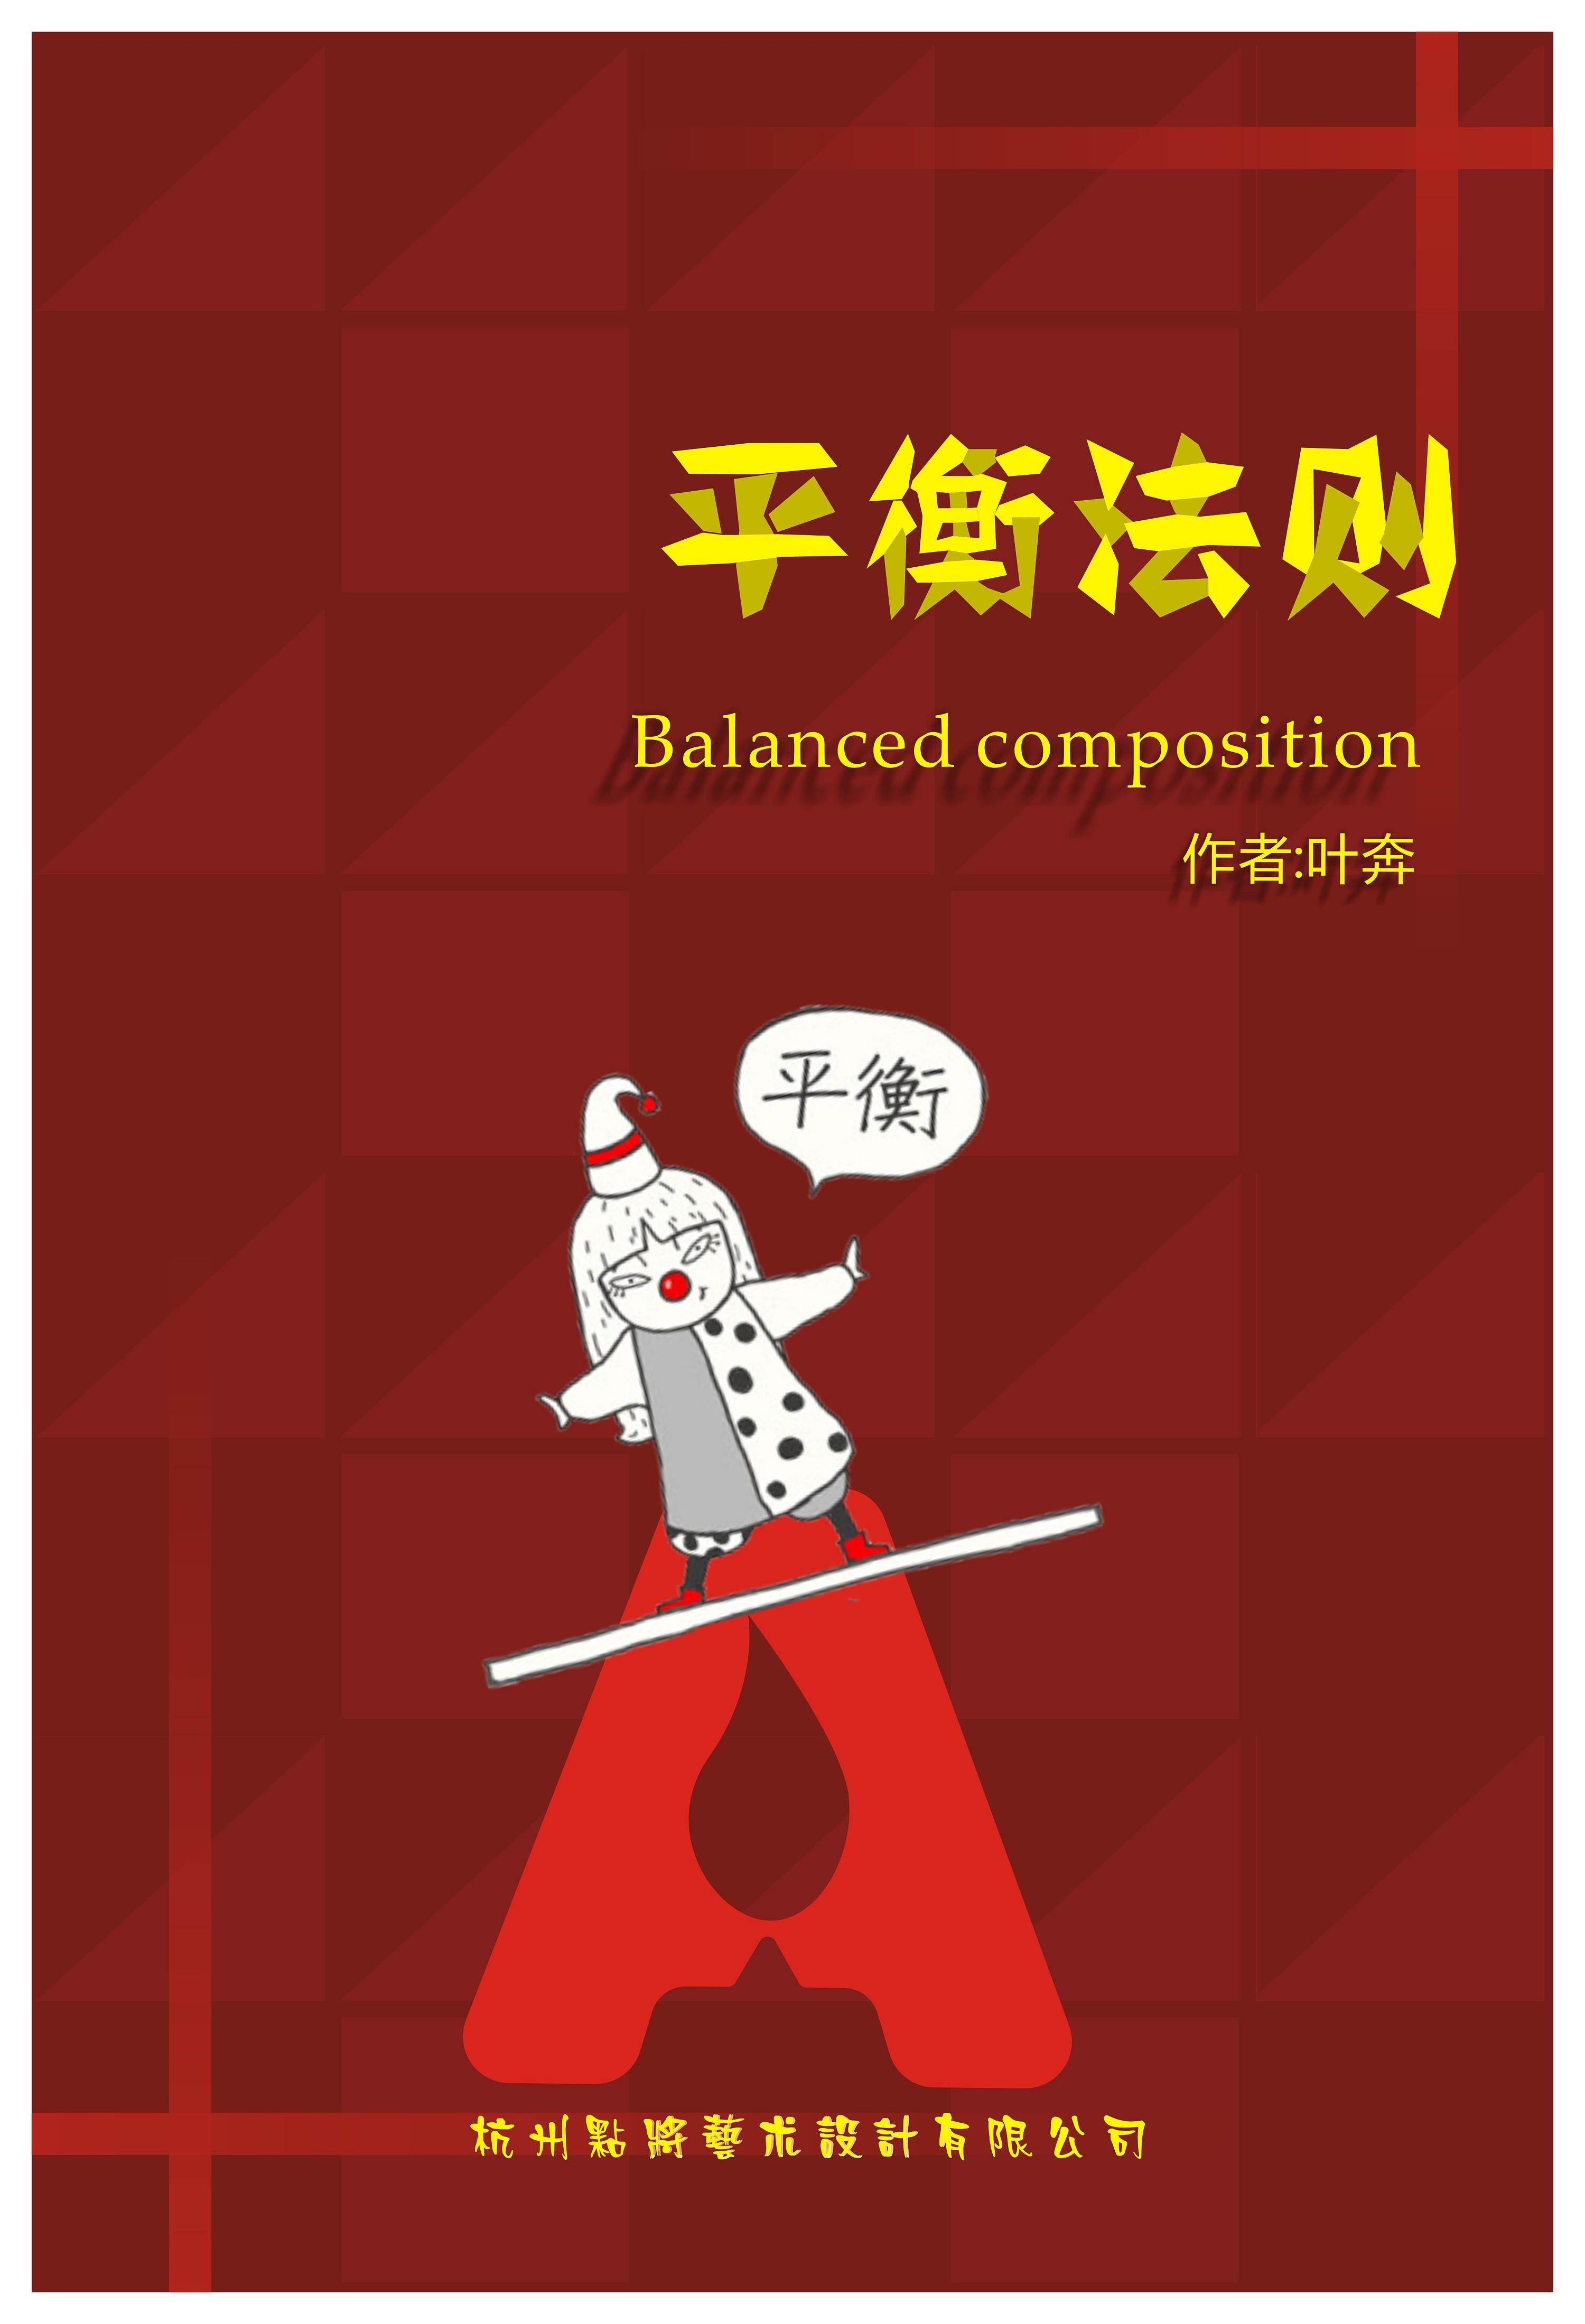 书本杂志封面创意设计 平衡法则